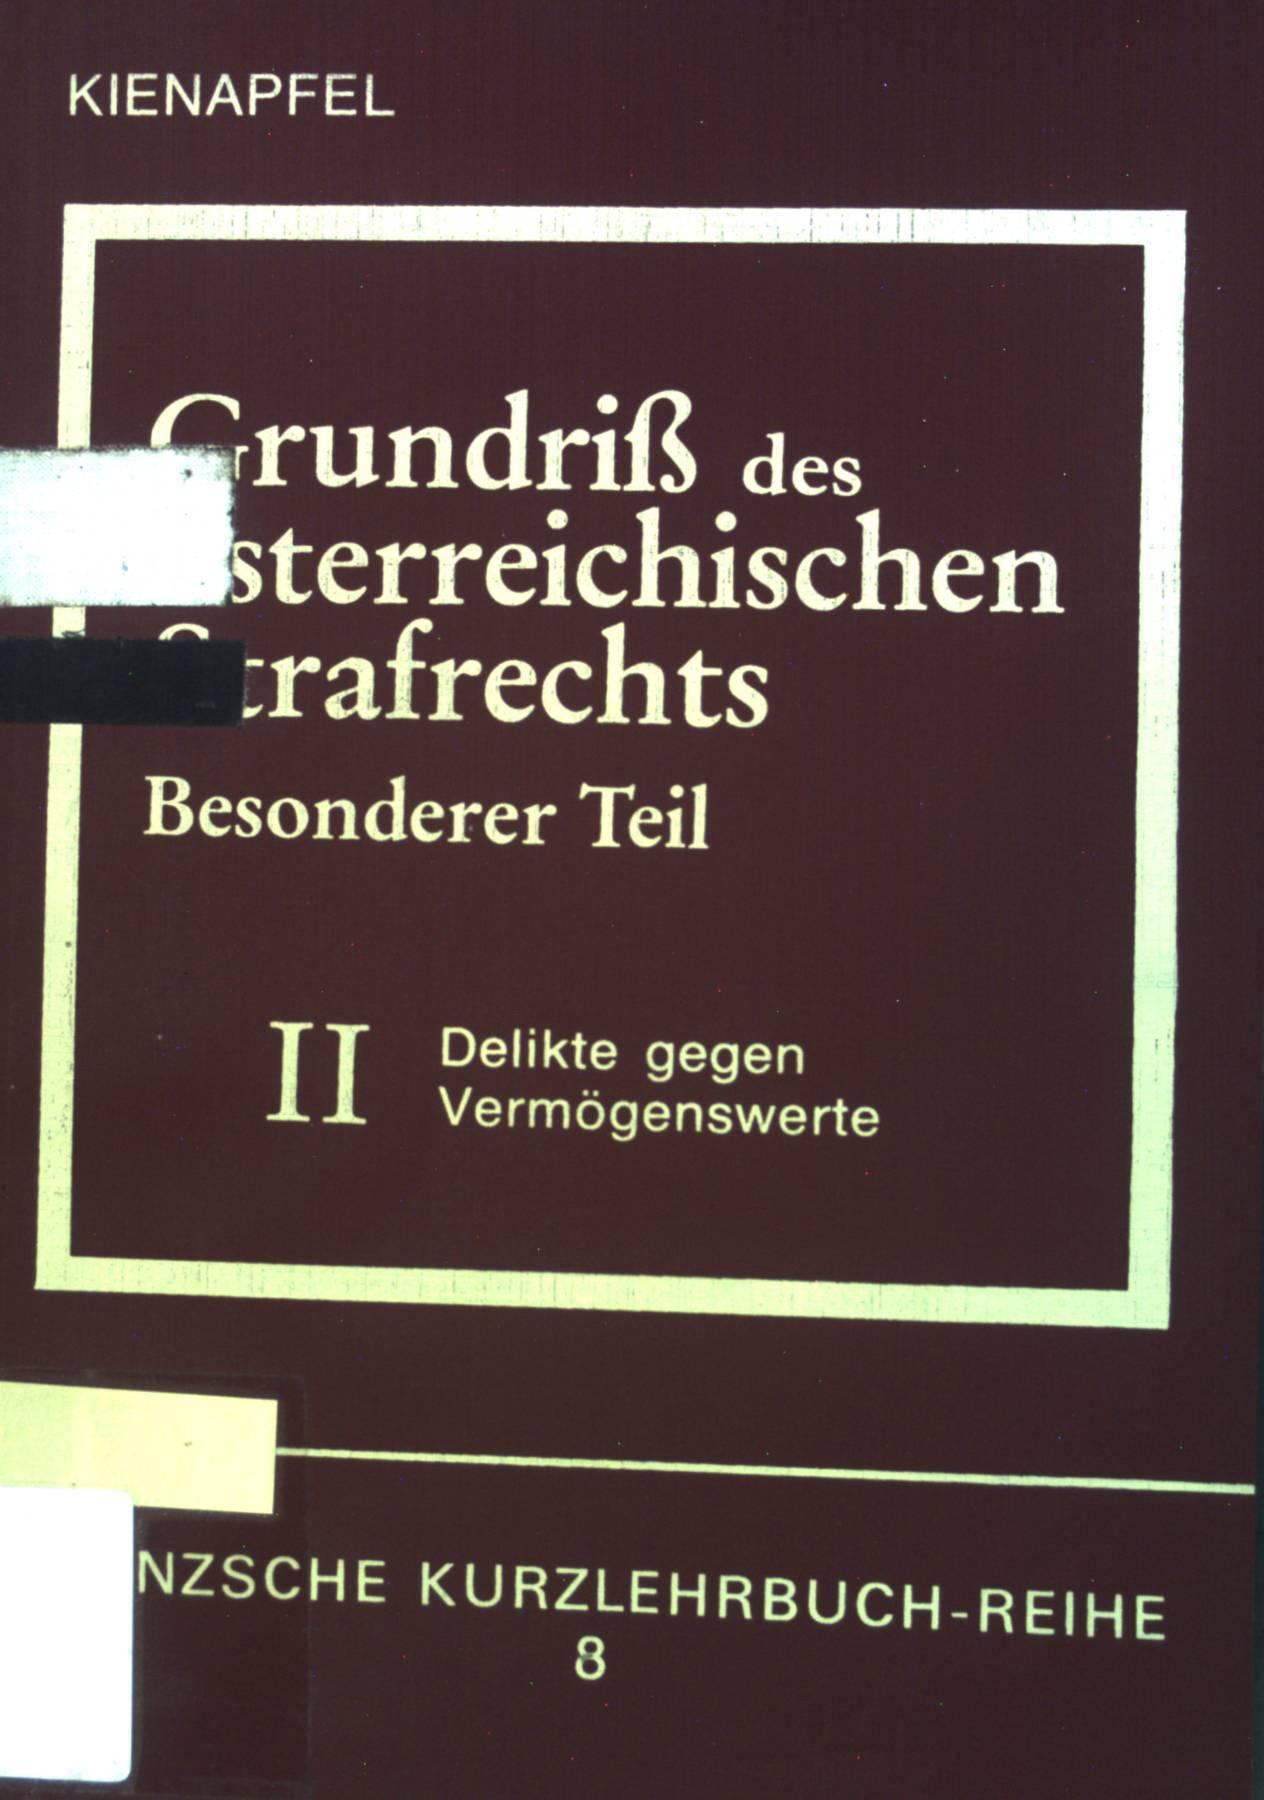 Grundriß des österreichischen Strafrechts, besonderer Teil Band.: Kienapfel, Diethelm: